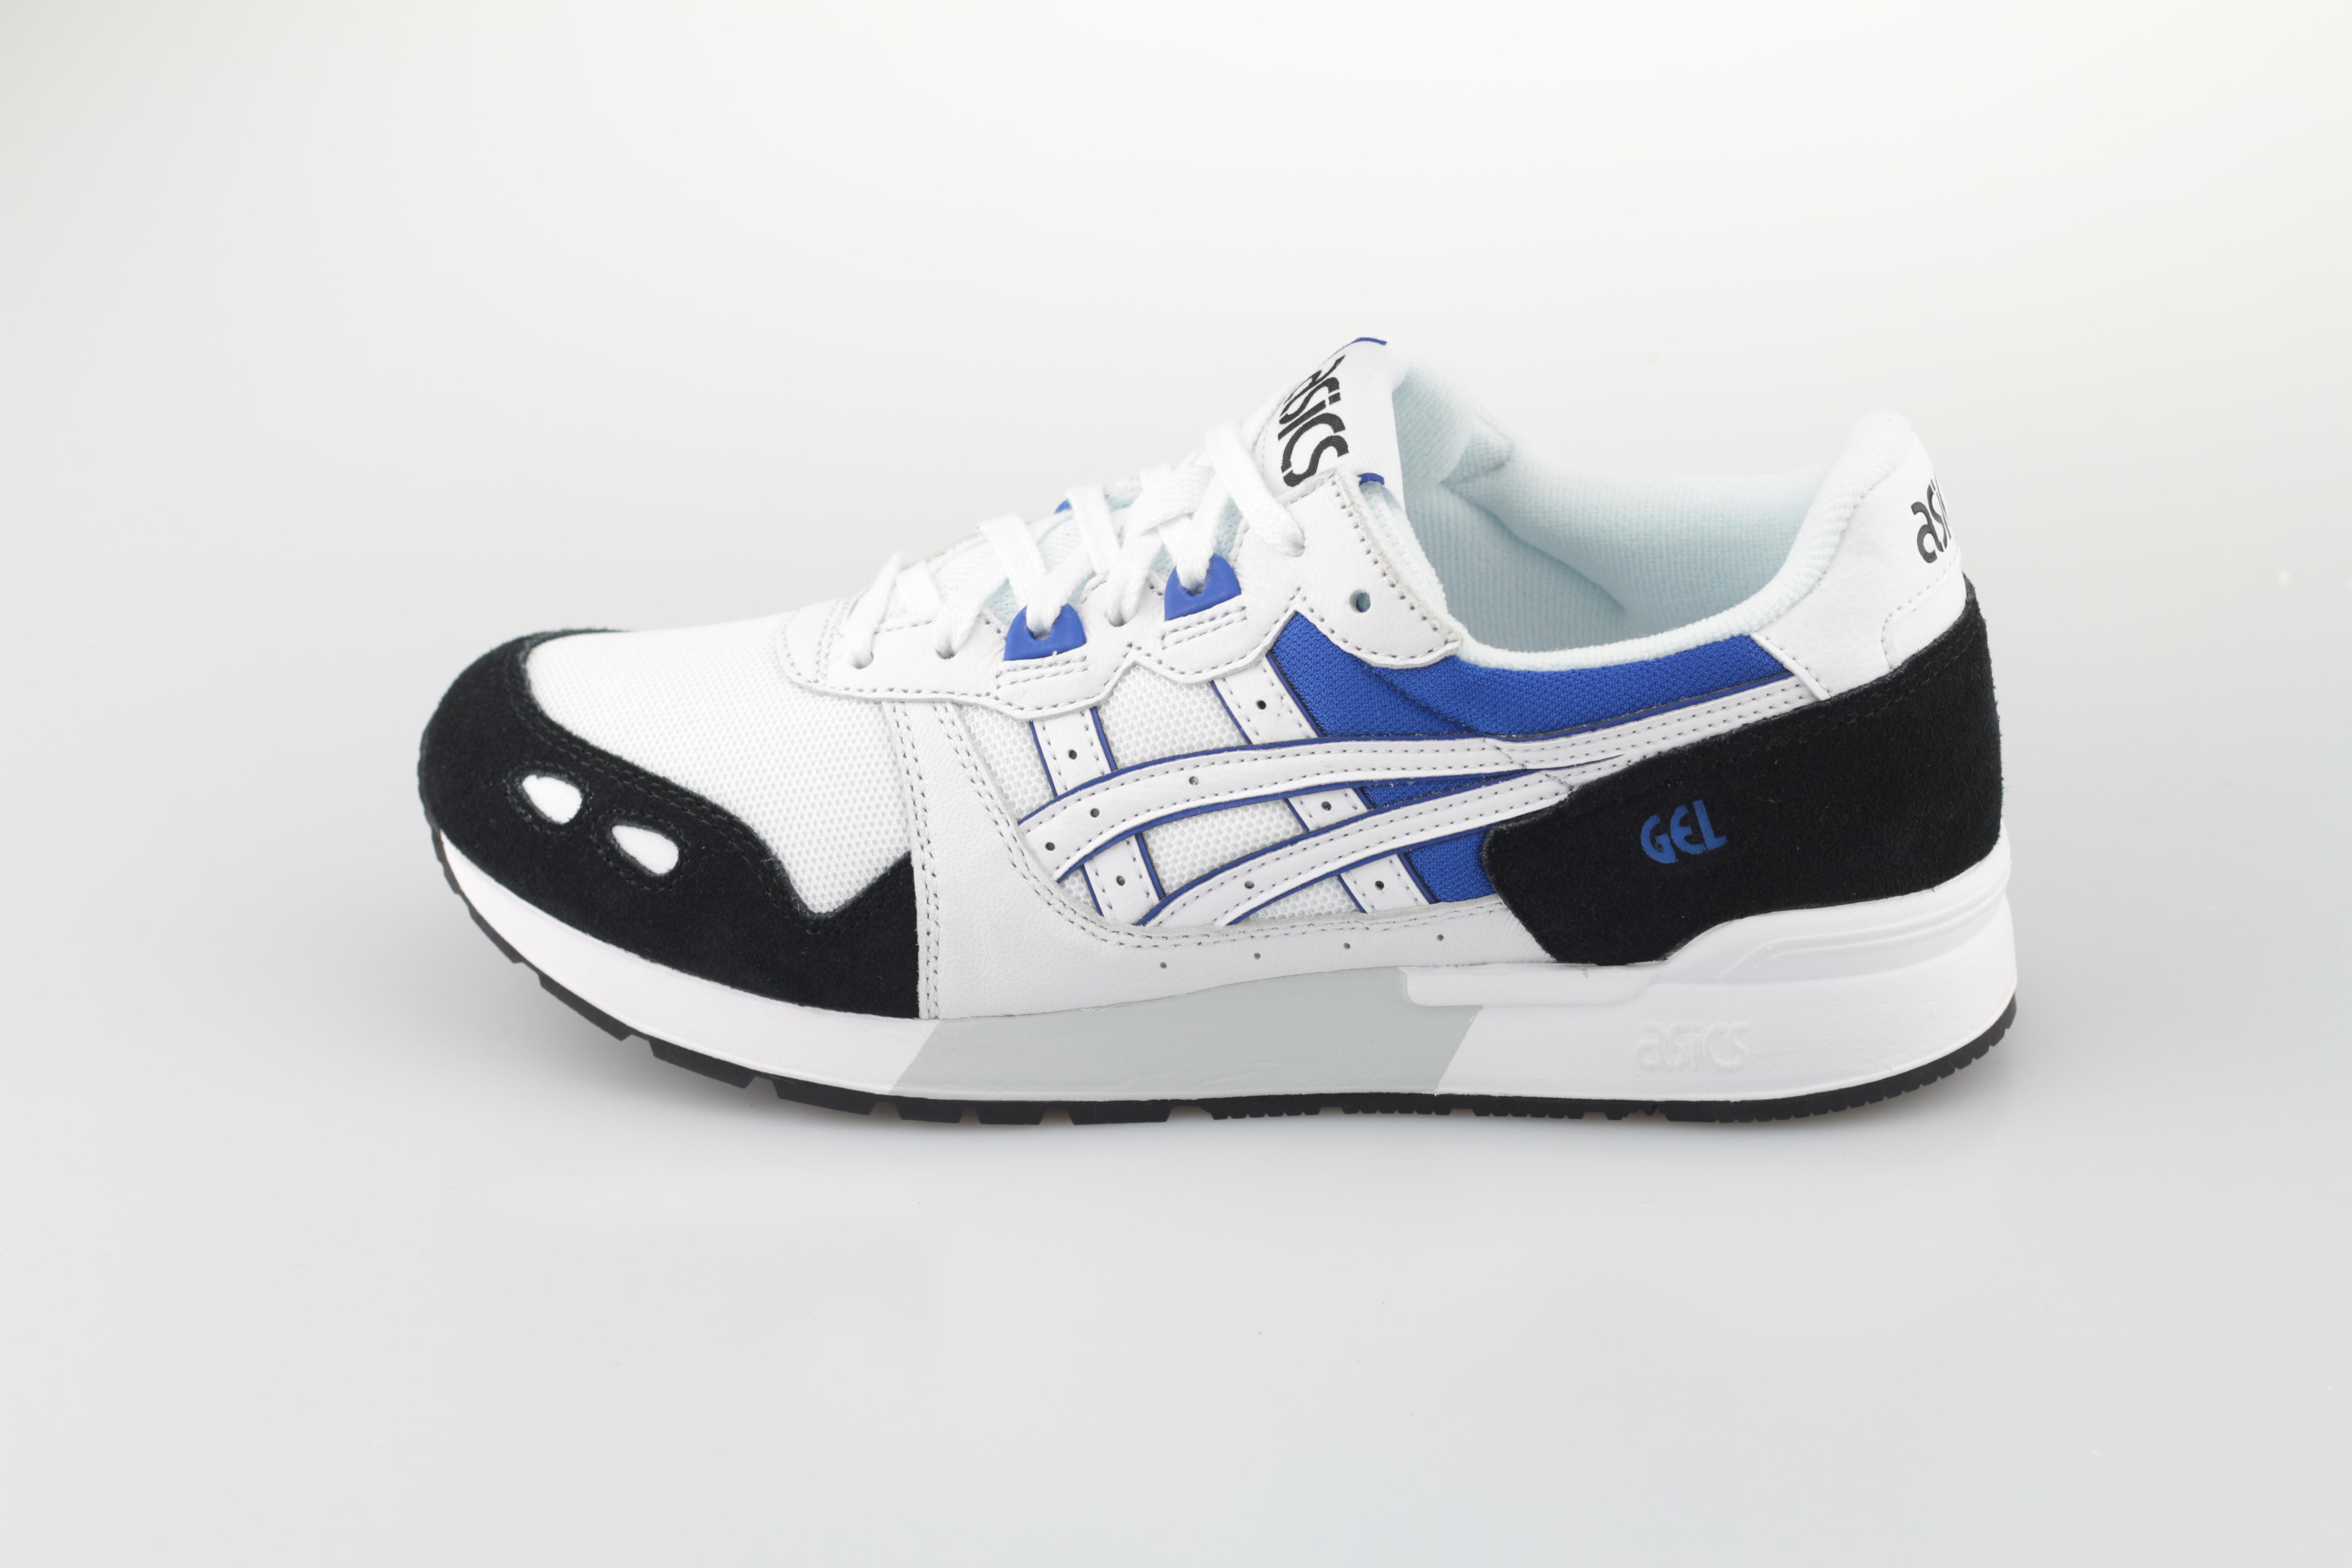 asics-tiger-gel-lyte-1193A092-101-white-asics-blue-1